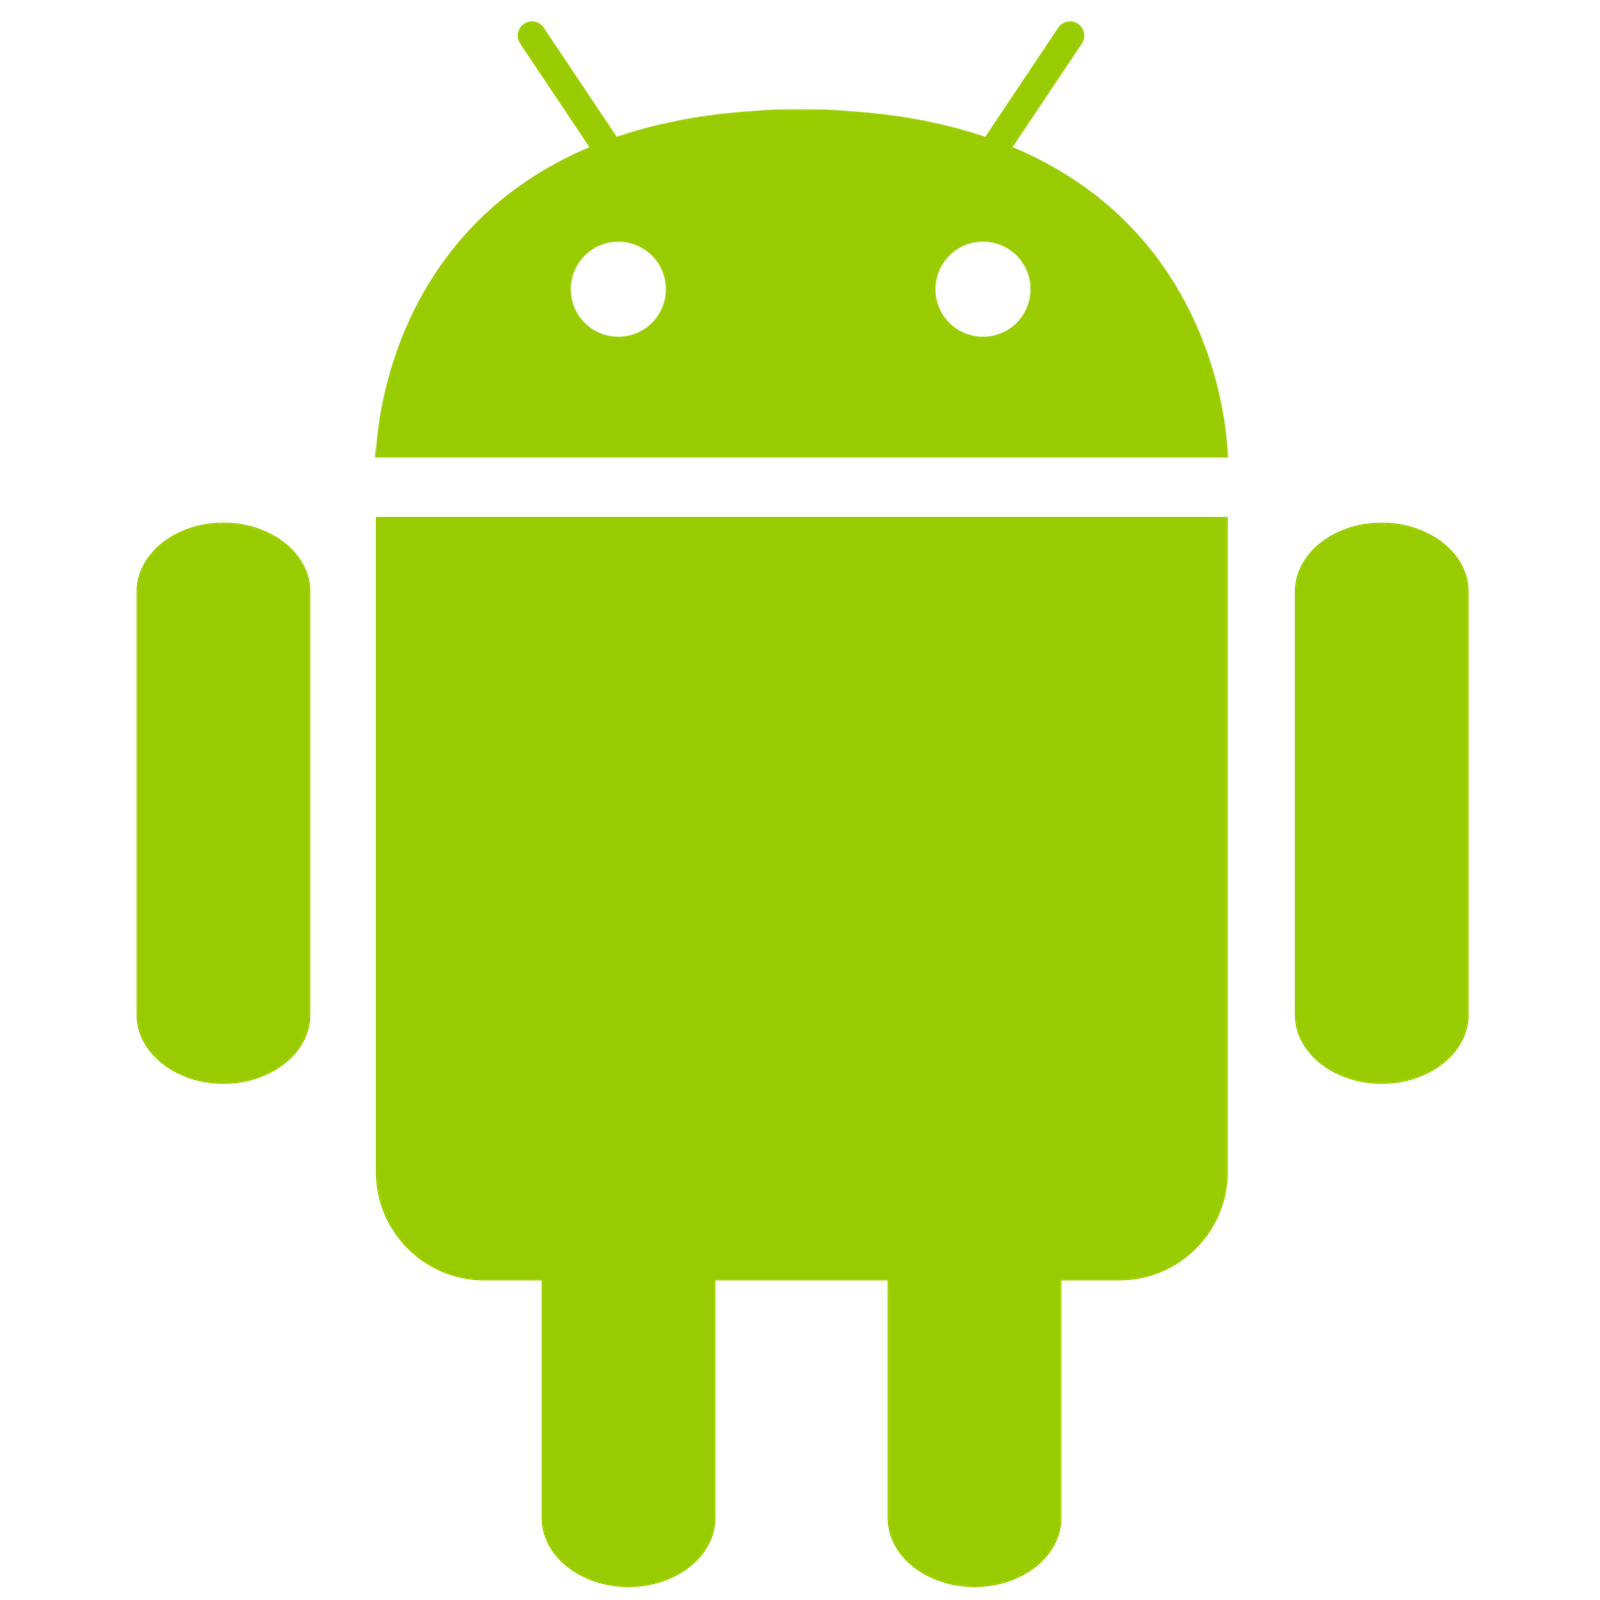 আপনার ফোন হবে আরও ফাস্ট, ক্লিন মাস্টার দিয়ে (For all Android user)